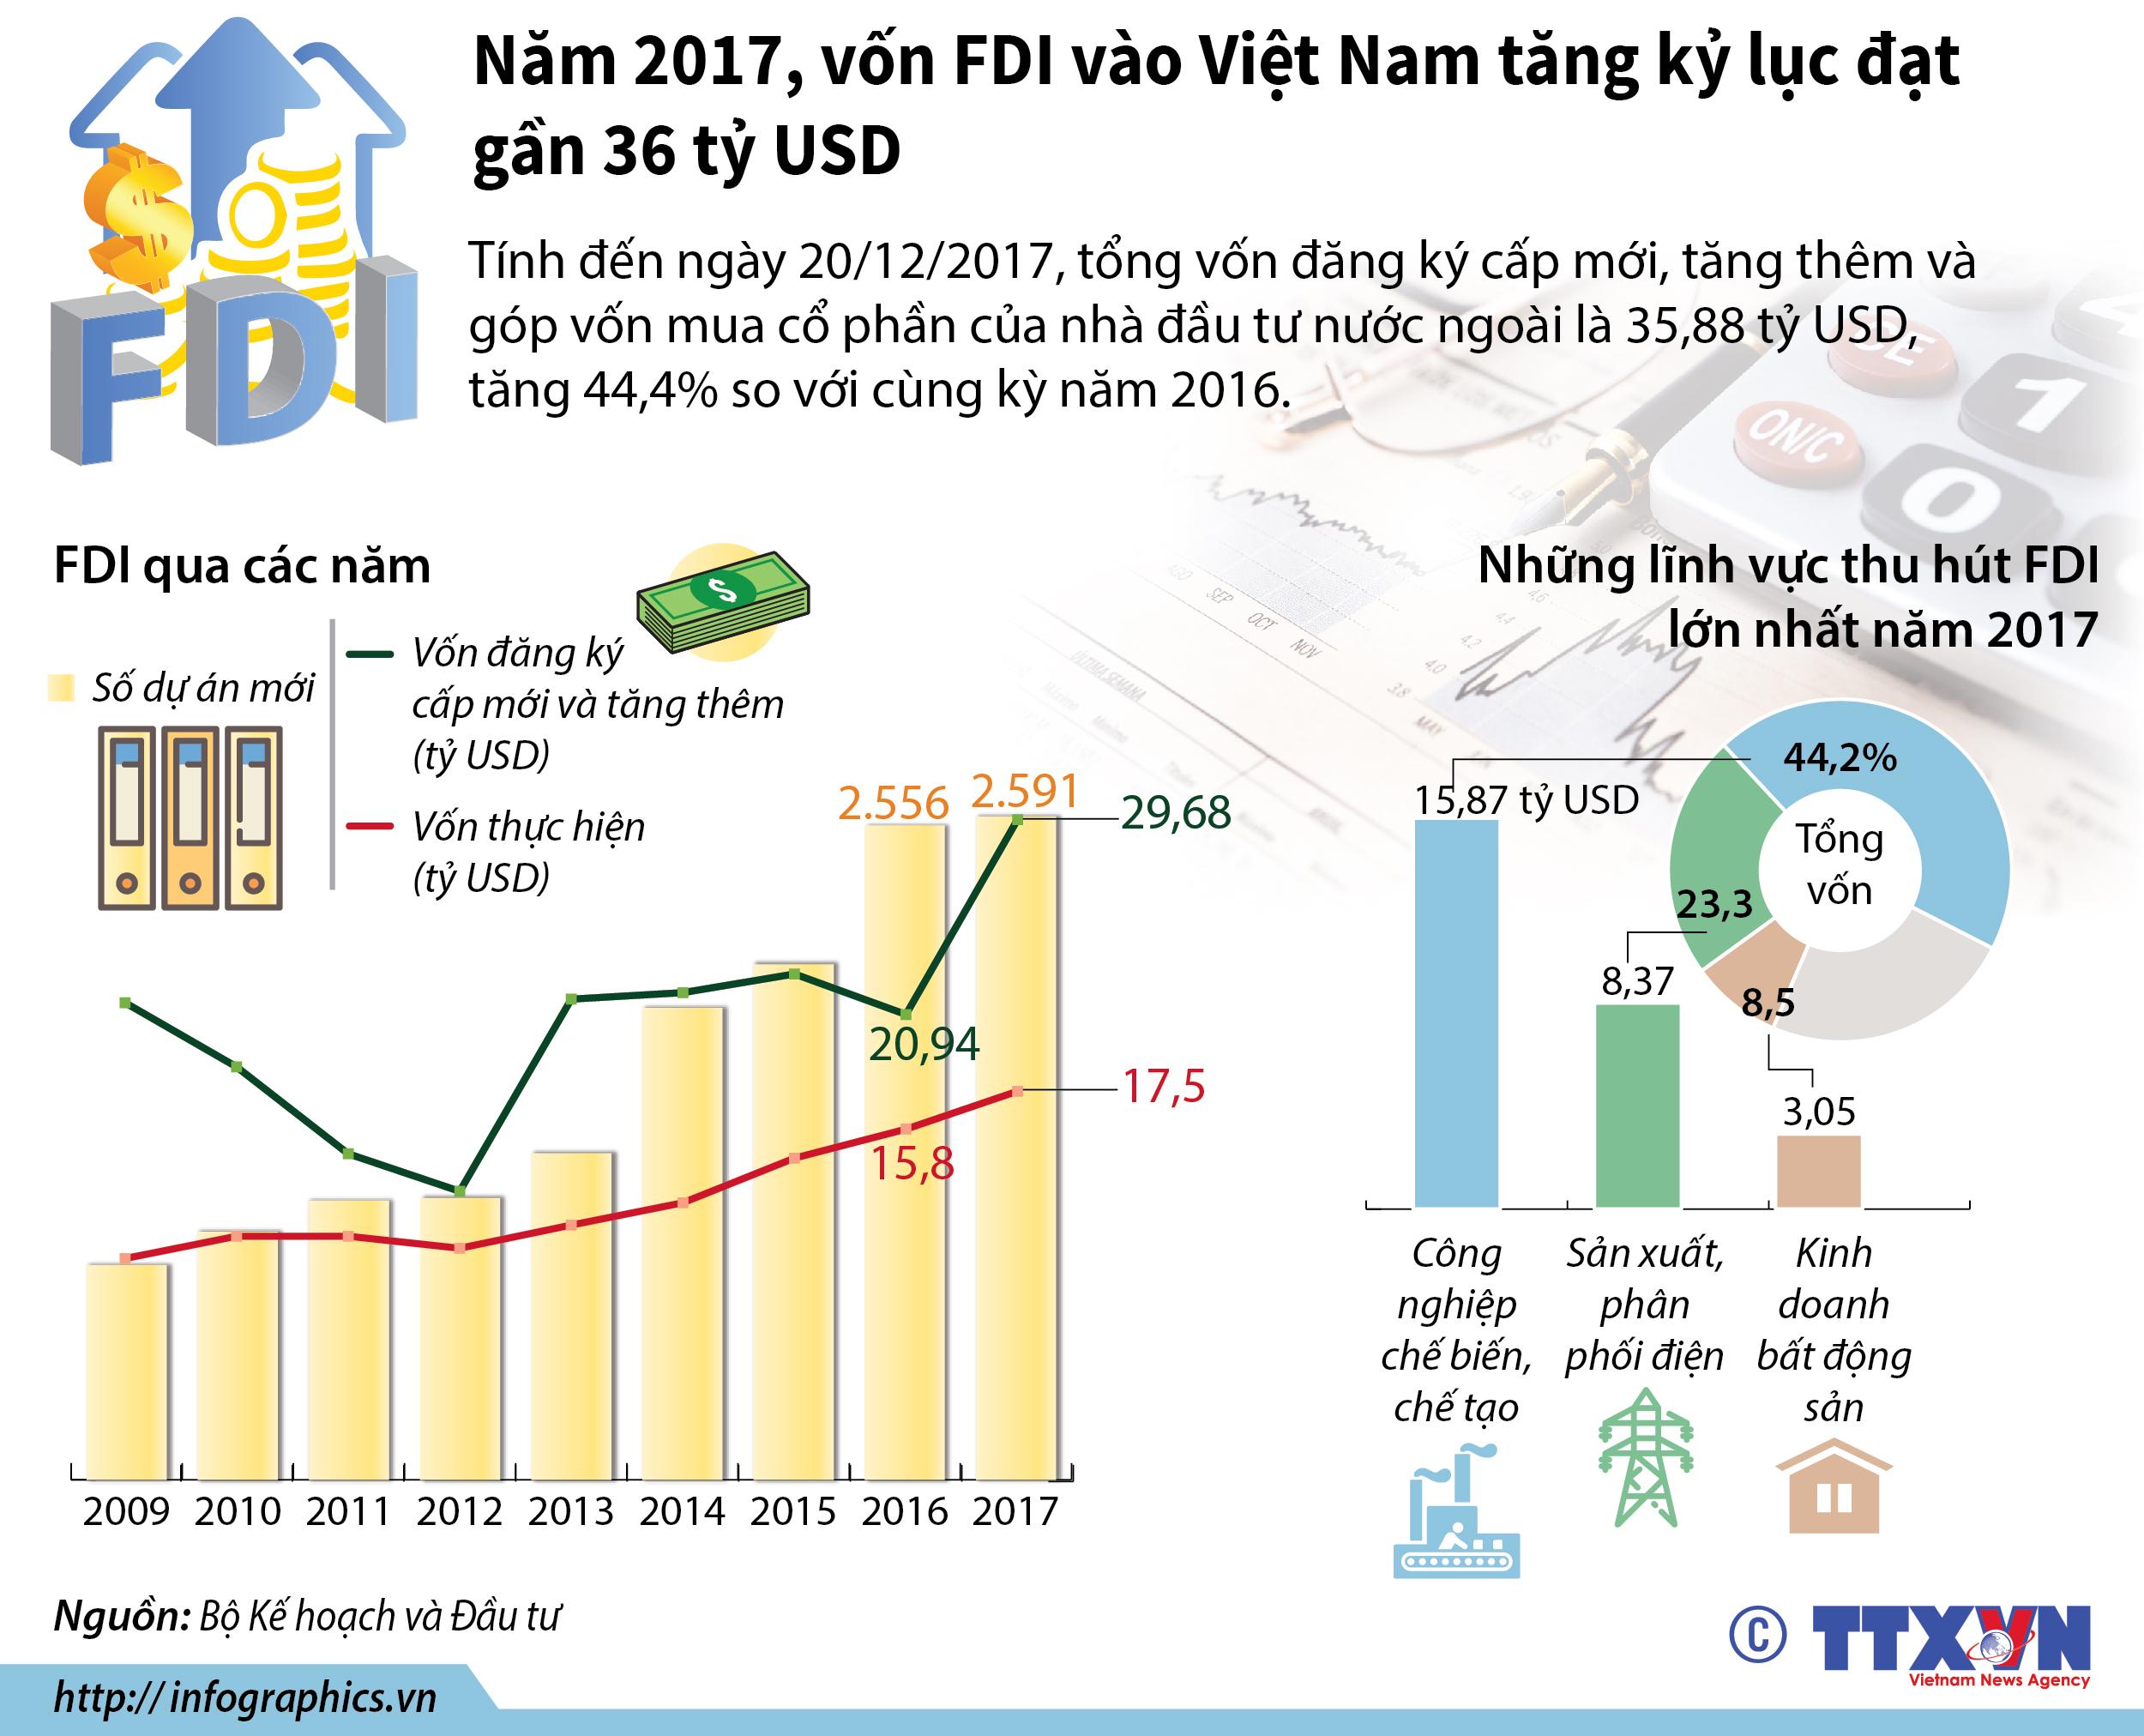 Tình hình FDI việt nam 2017